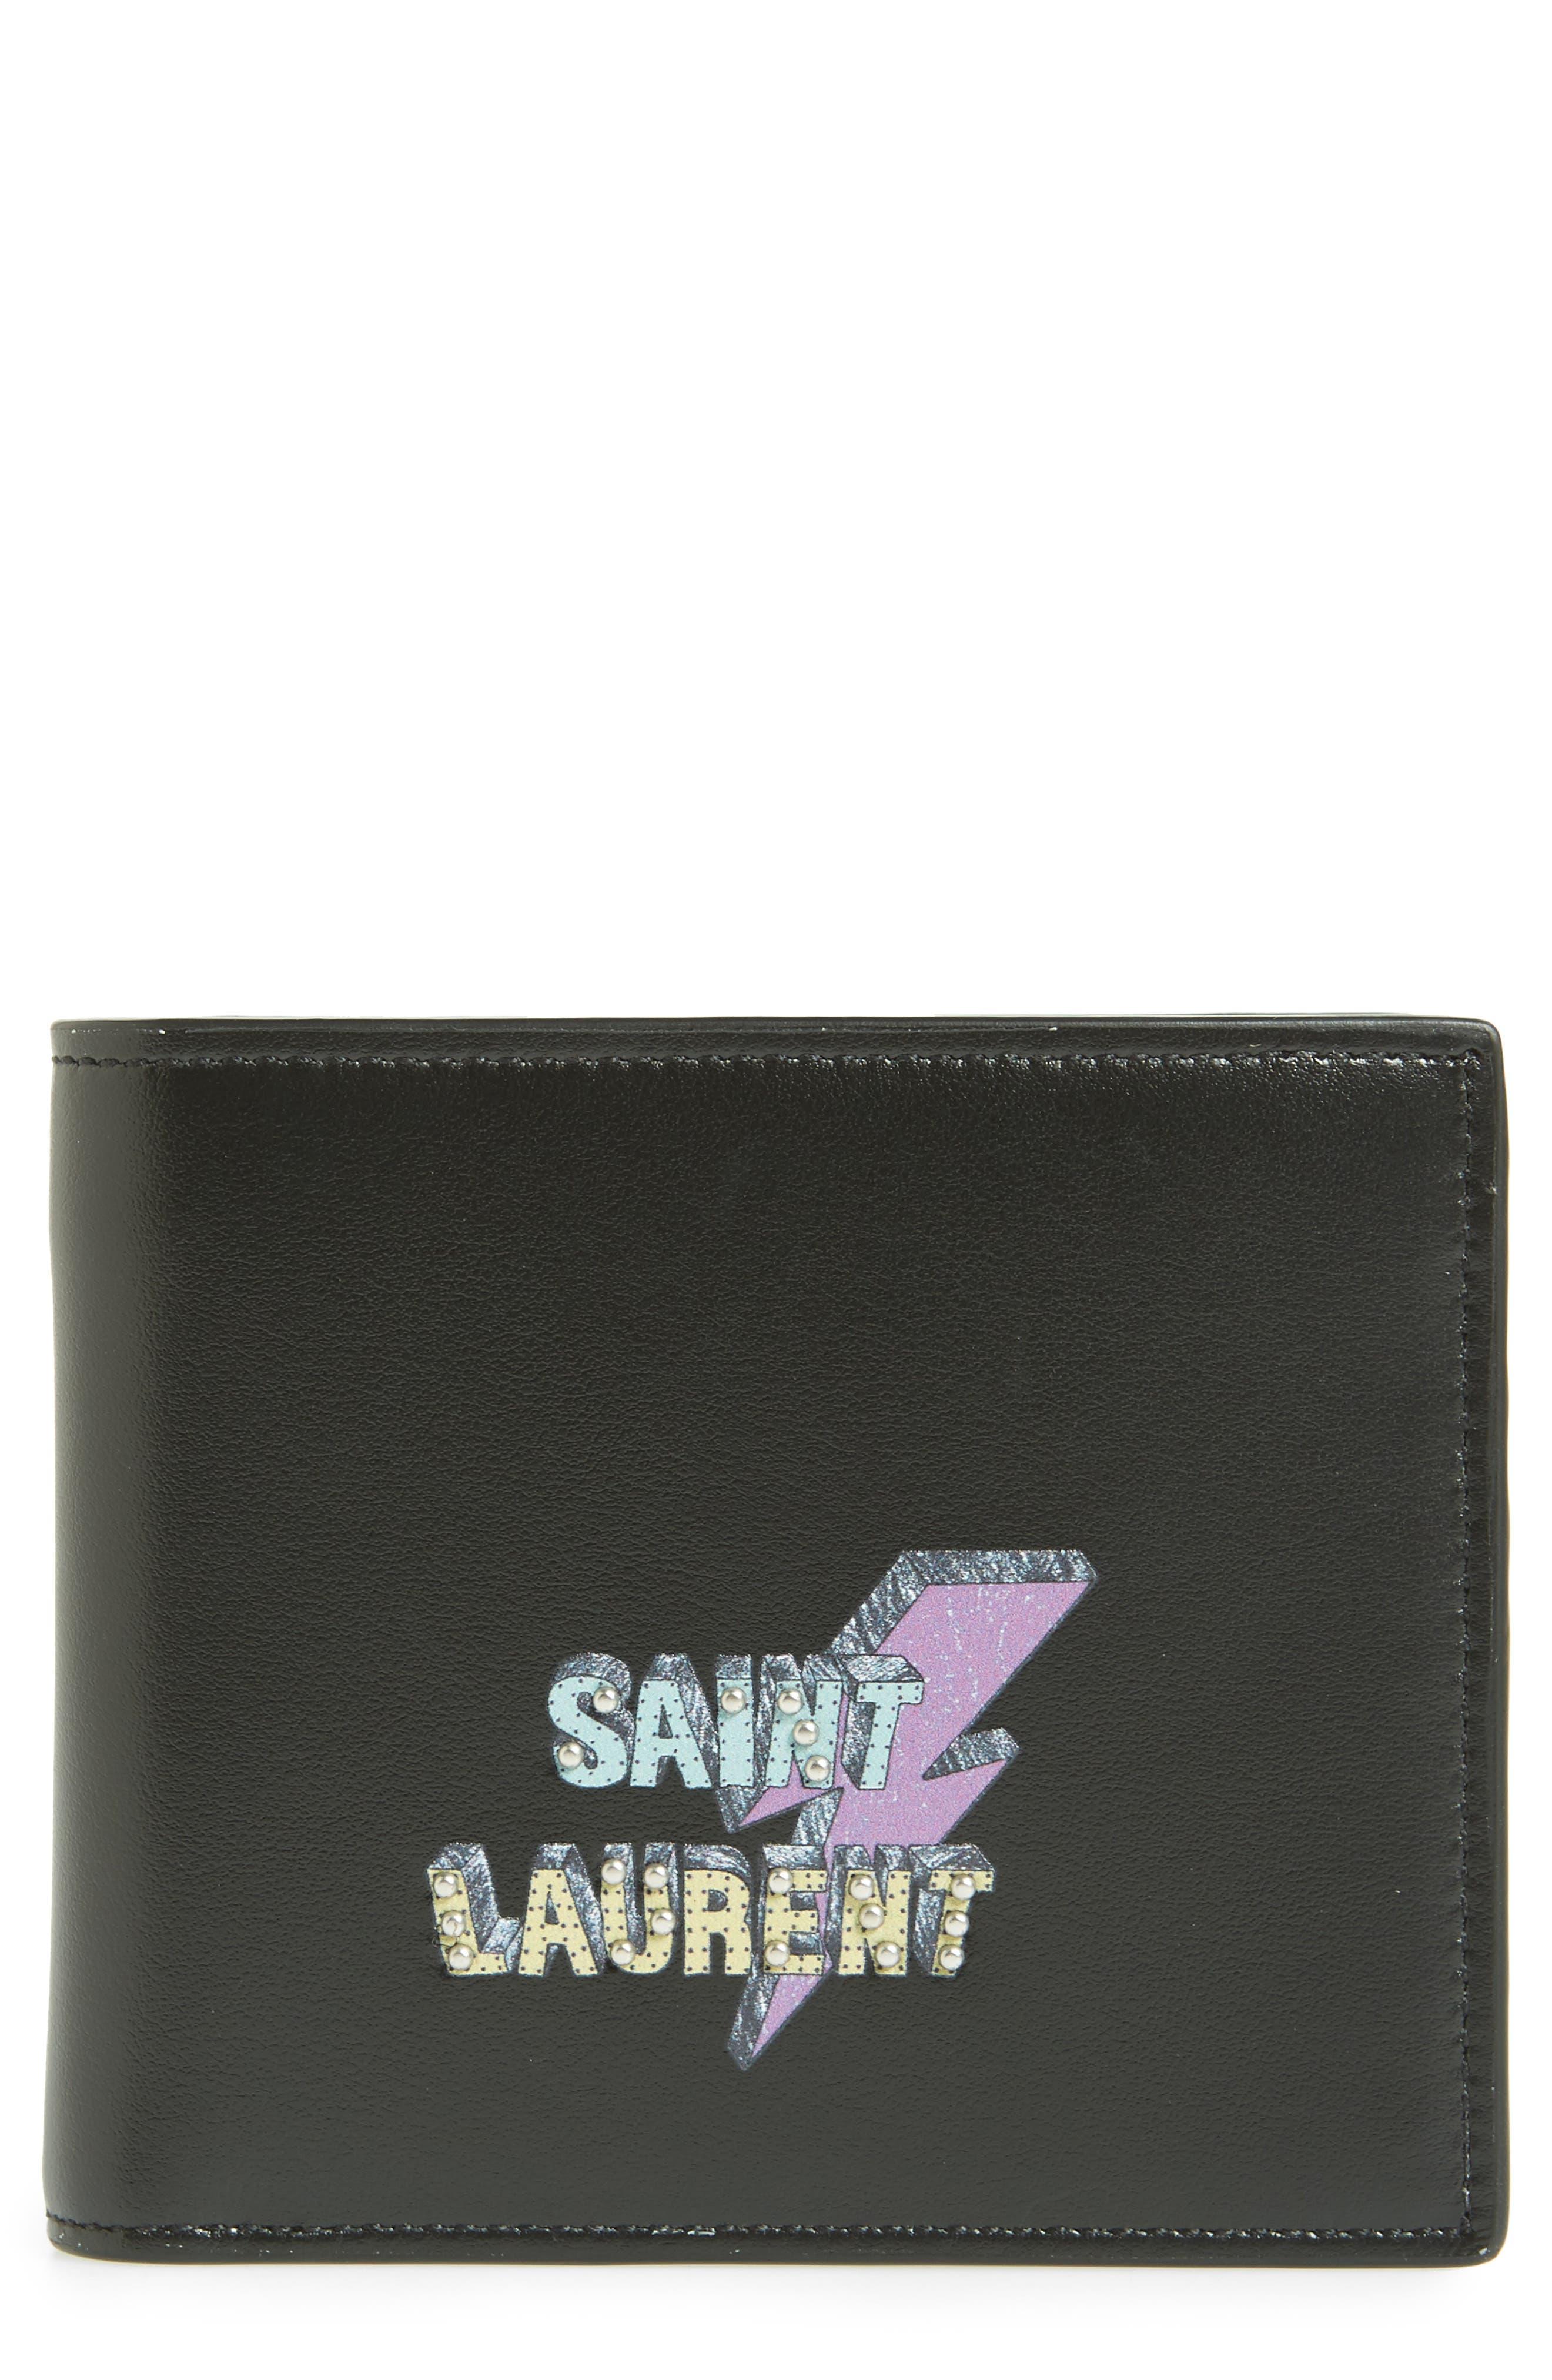 Alternate Image 1 Selected - Saint Laurent Lightning Logo Leather Wallet